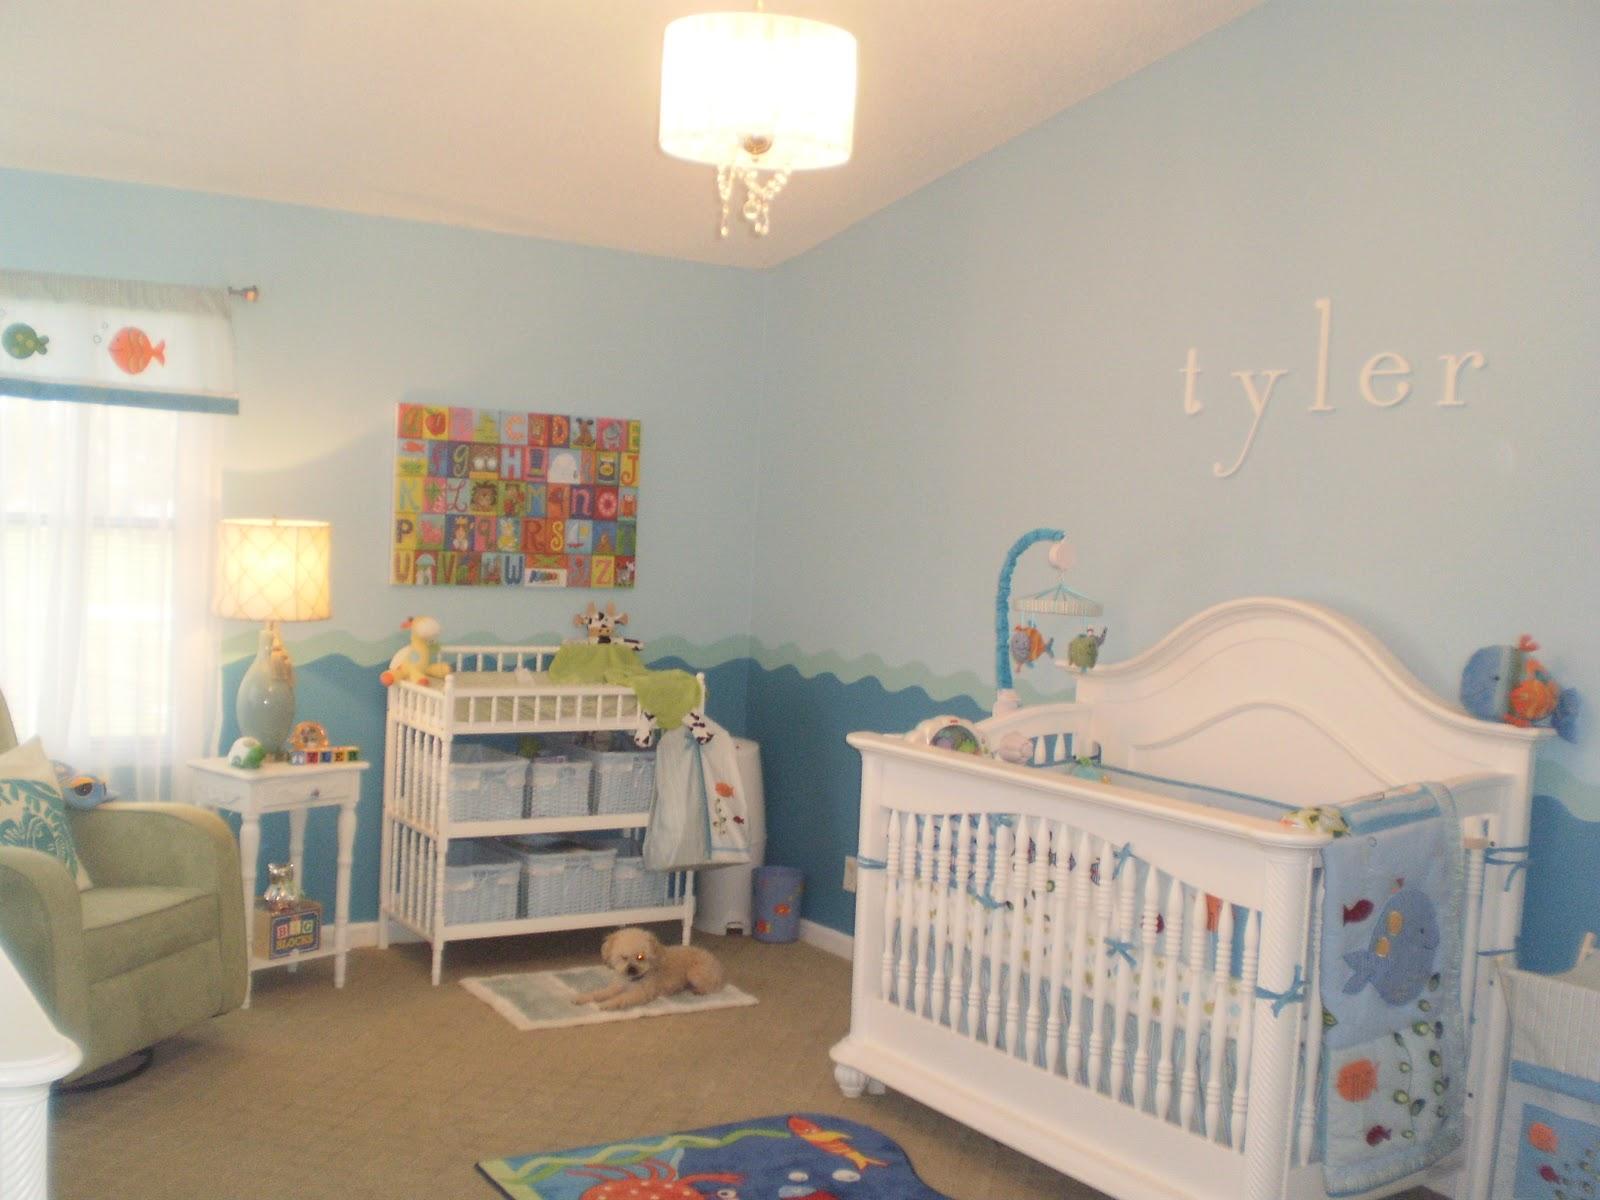 http://2.bp.blogspot.com/-qFYH5uFnPU8/TsqHet43nTI/AAAAAAAAAGA/8KxbU4VlPLQ/s1600/Tyler%2527s+Nursery+031.JPG